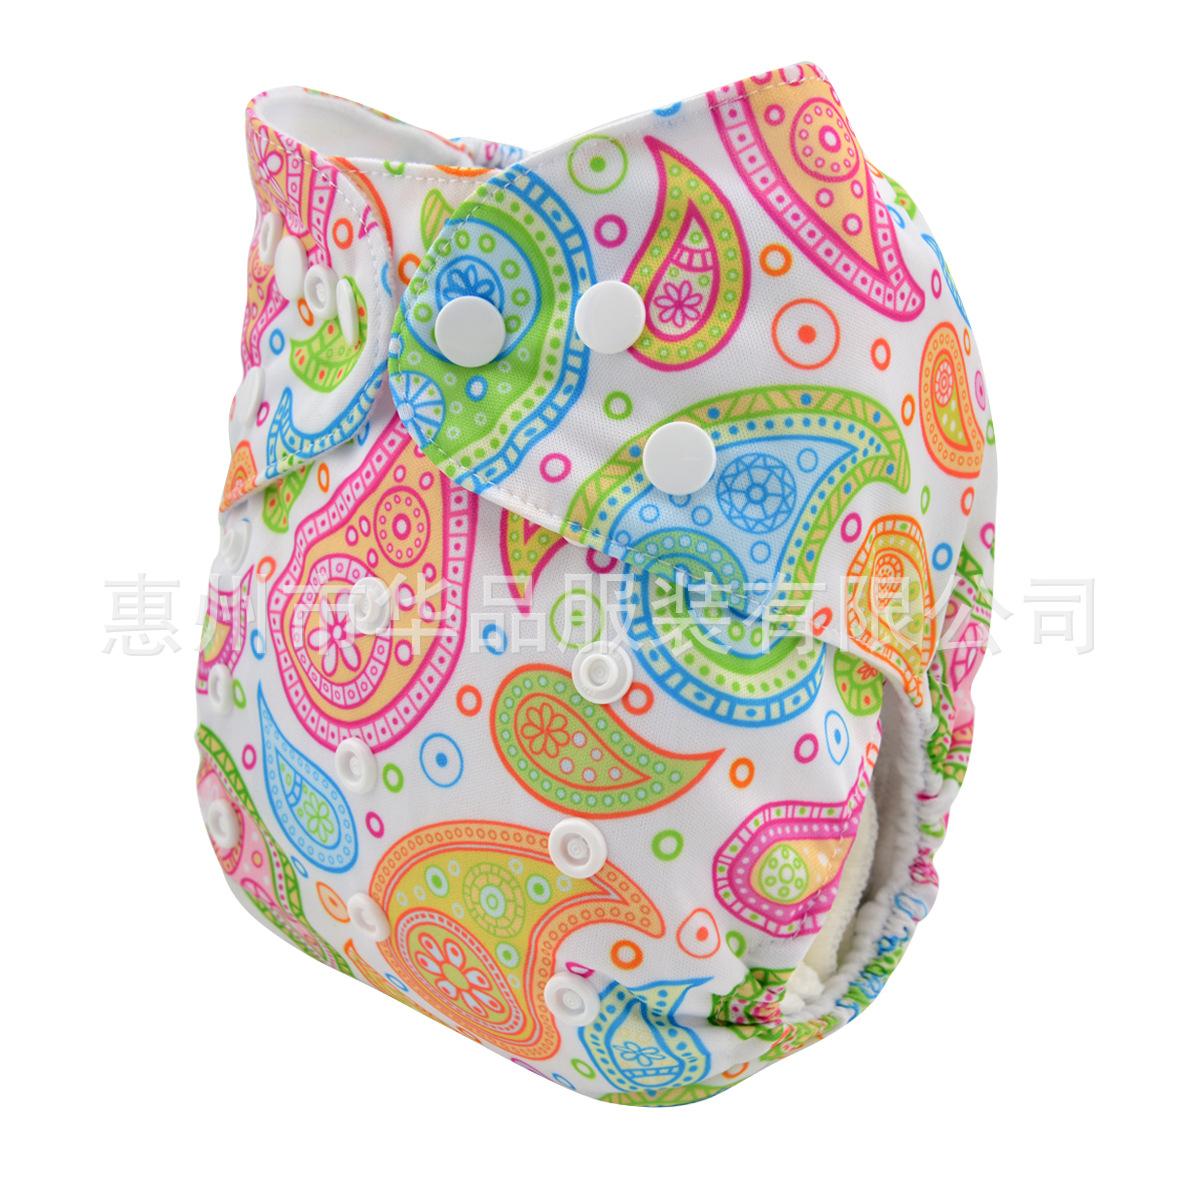 2015秋季新品婴儿布尿裤 可洗可调透气防漏防水尿裤罩 Nappy